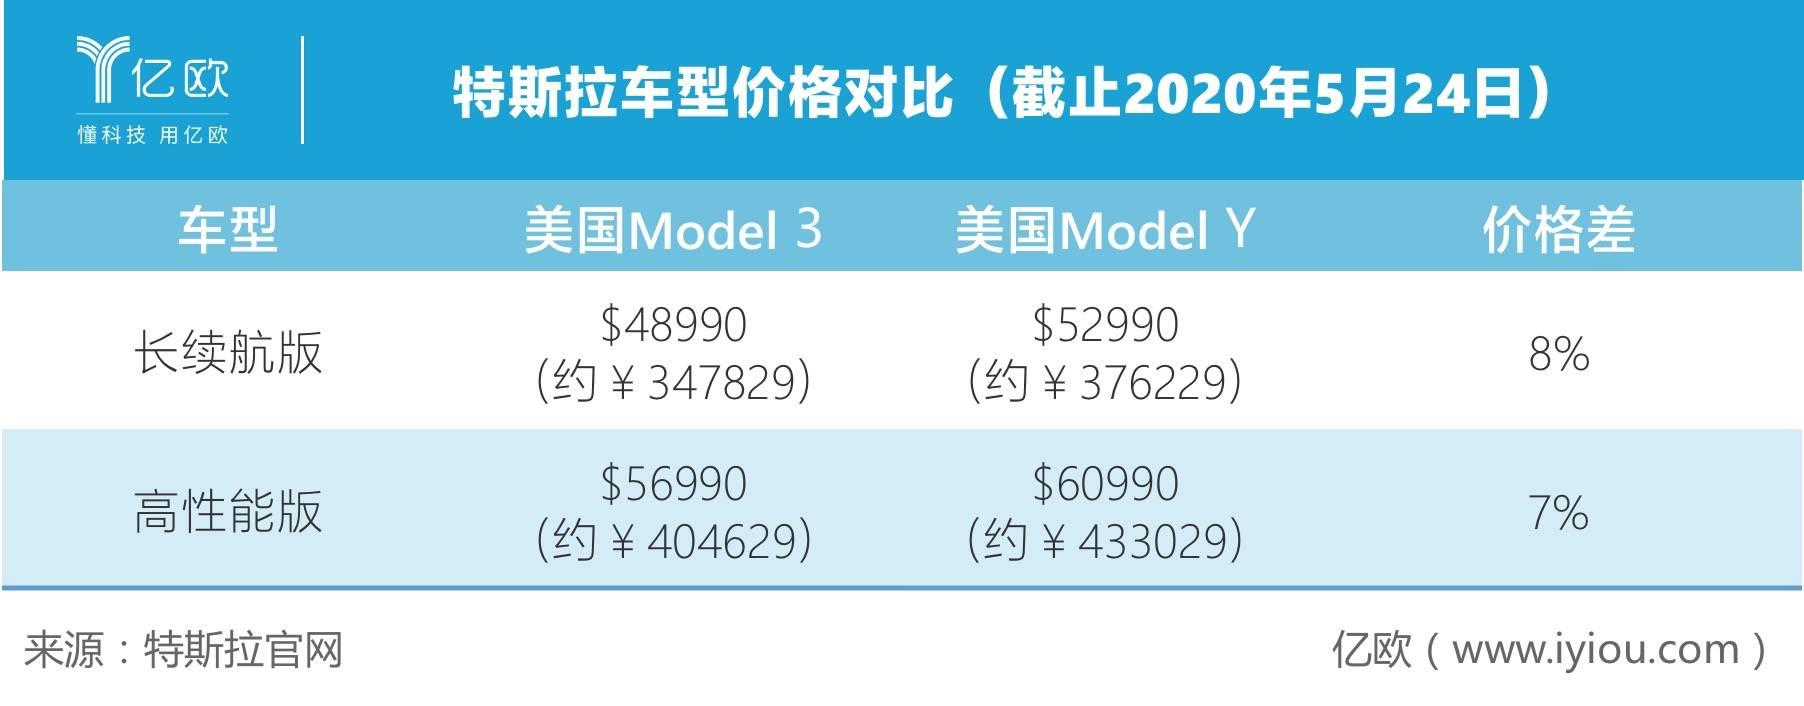 特斯拉车型价格对比(截止2020年5月24日)